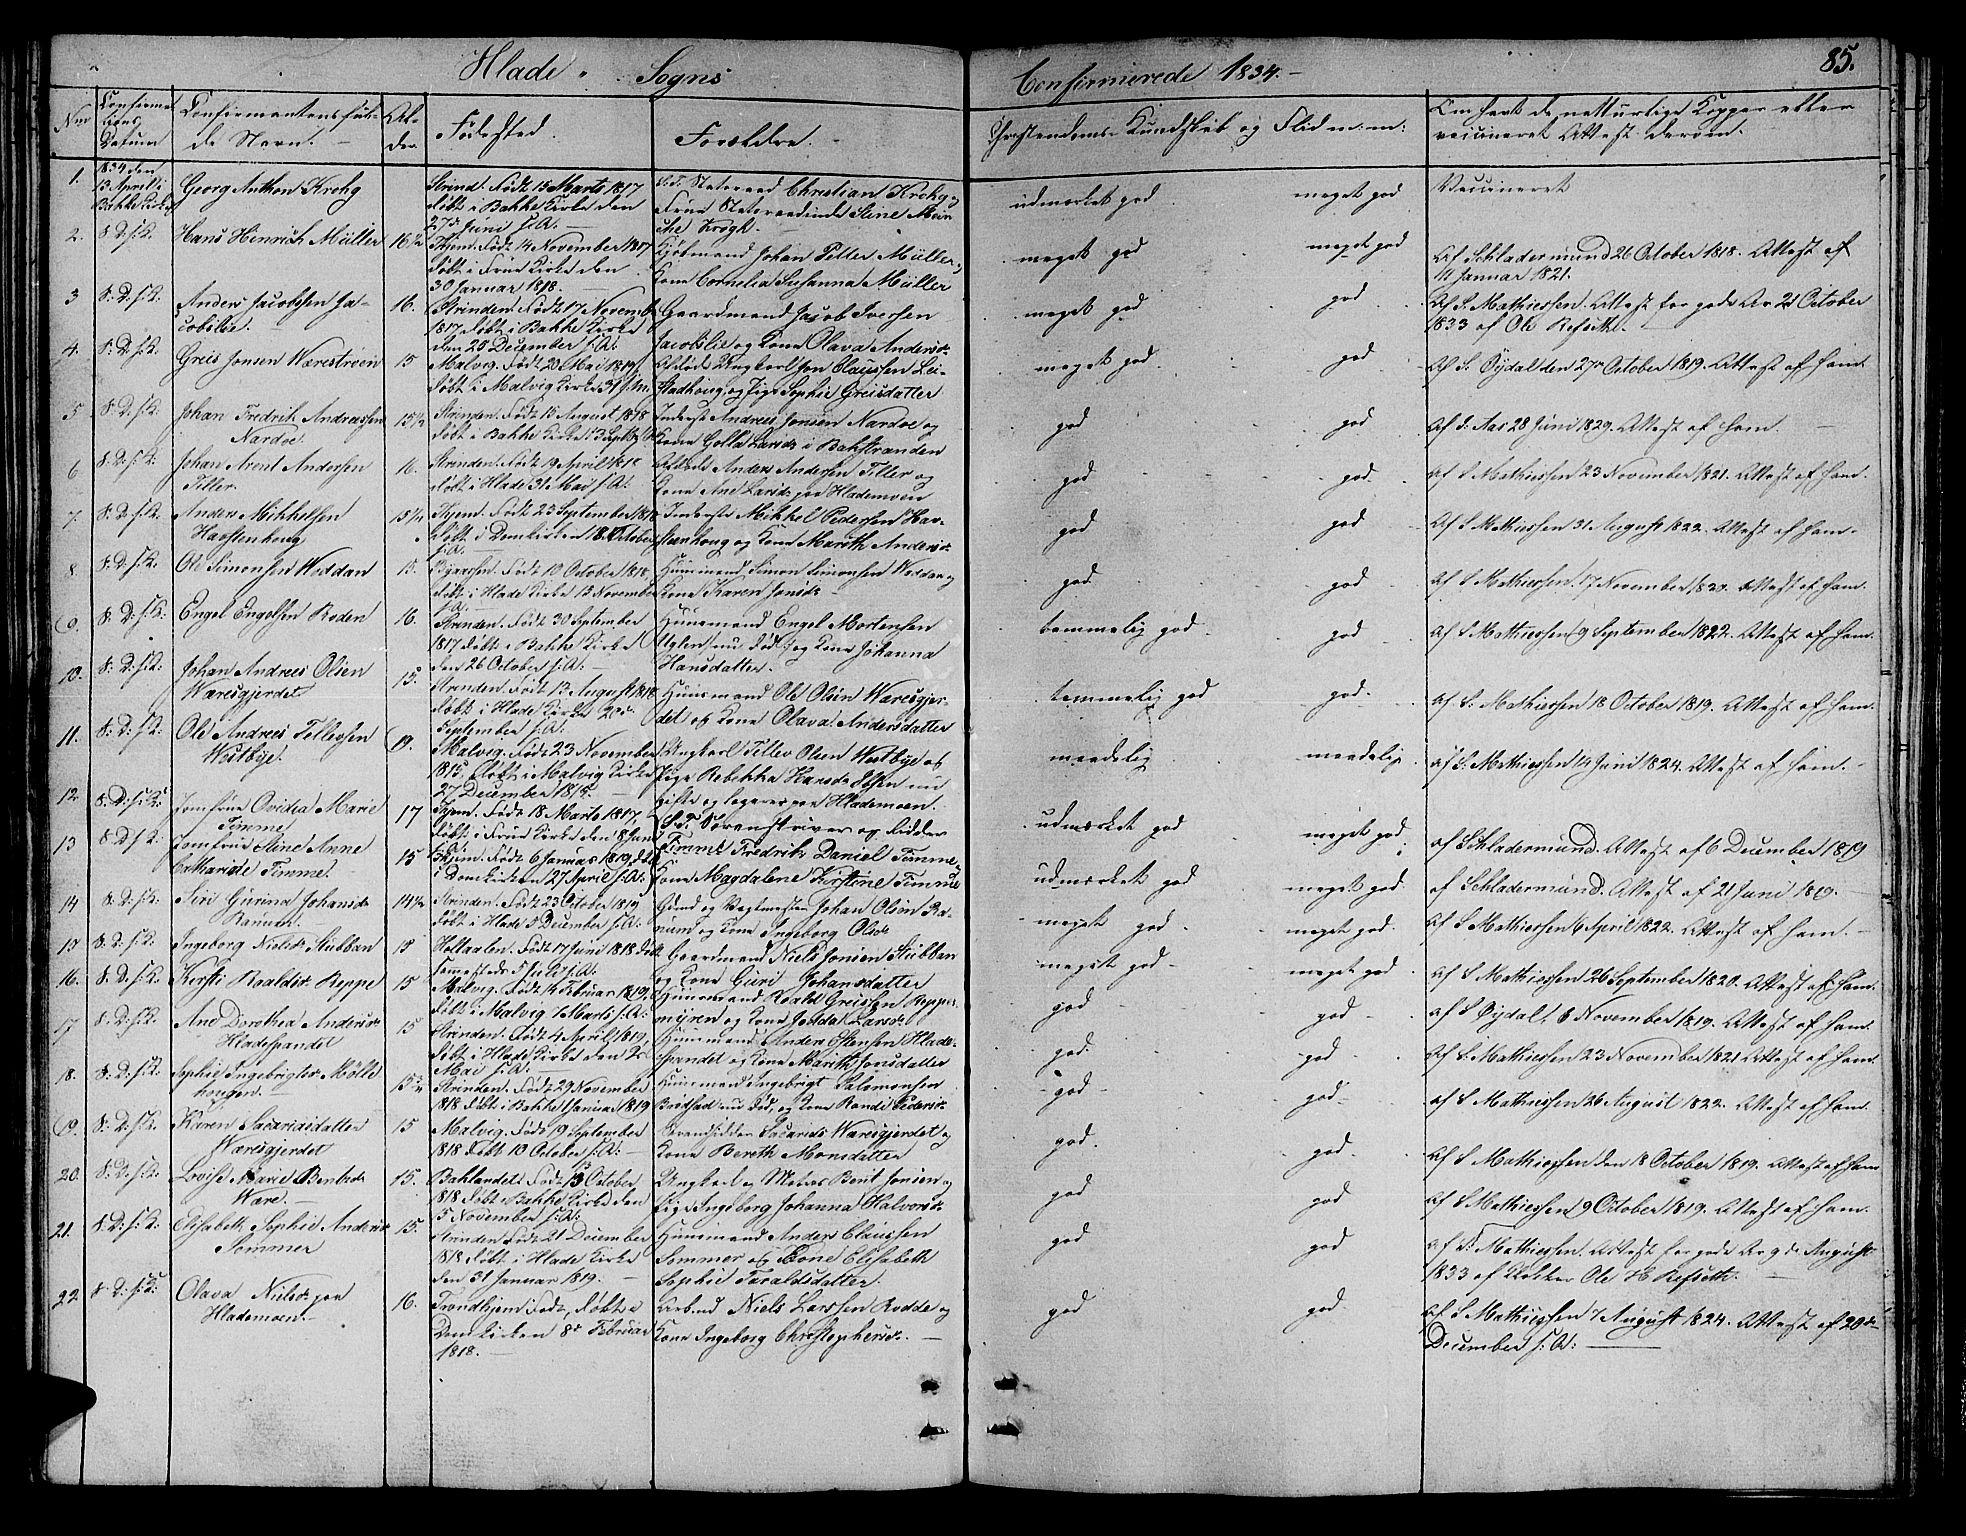 SAT, Ministerialprotokoller, klokkerbøker og fødselsregistre - Sør-Trøndelag, 606/L0308: Klokkerbok nr. 606C04, 1829-1840, s. 85